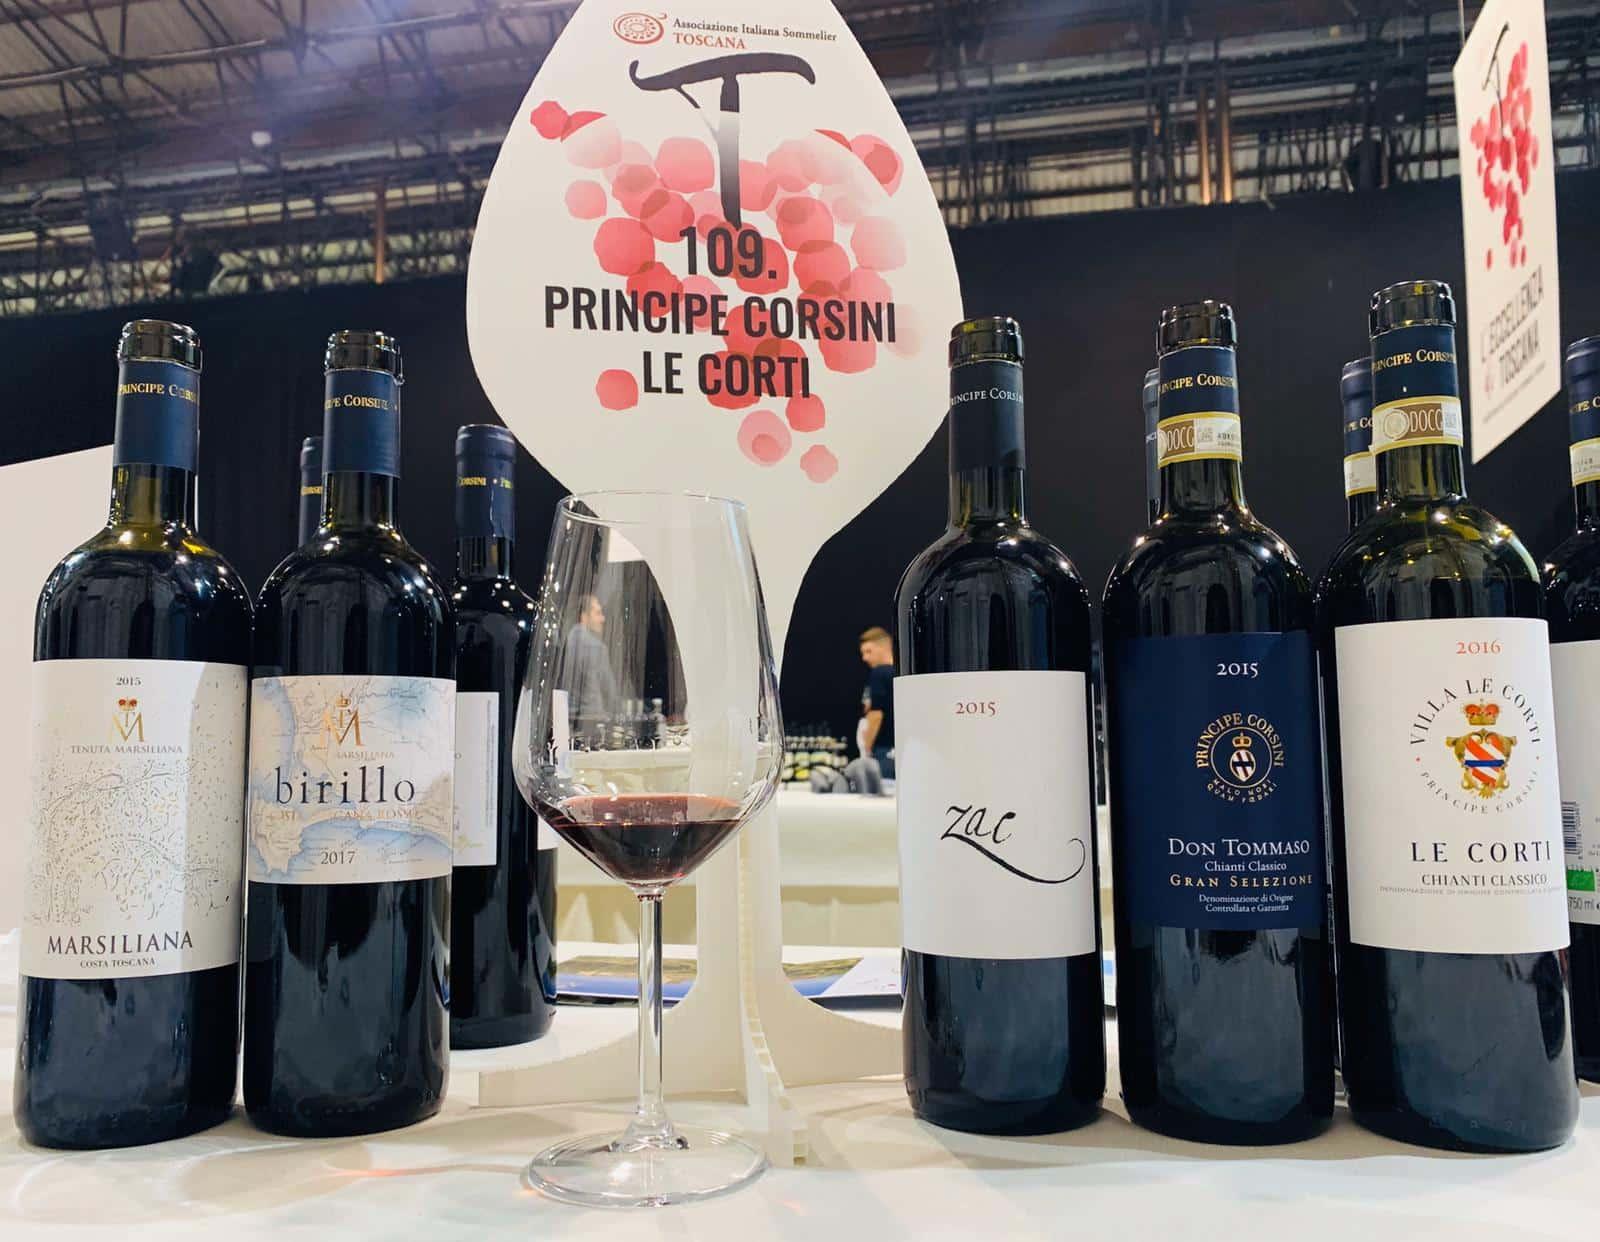 https://principecorsini.s3.eu-central-1.amazonaws.com/wp-content/uploads/2019/12/04164017/Magazine-Principe-Corsini-evento-eccellenza-di-toscana4.jpg